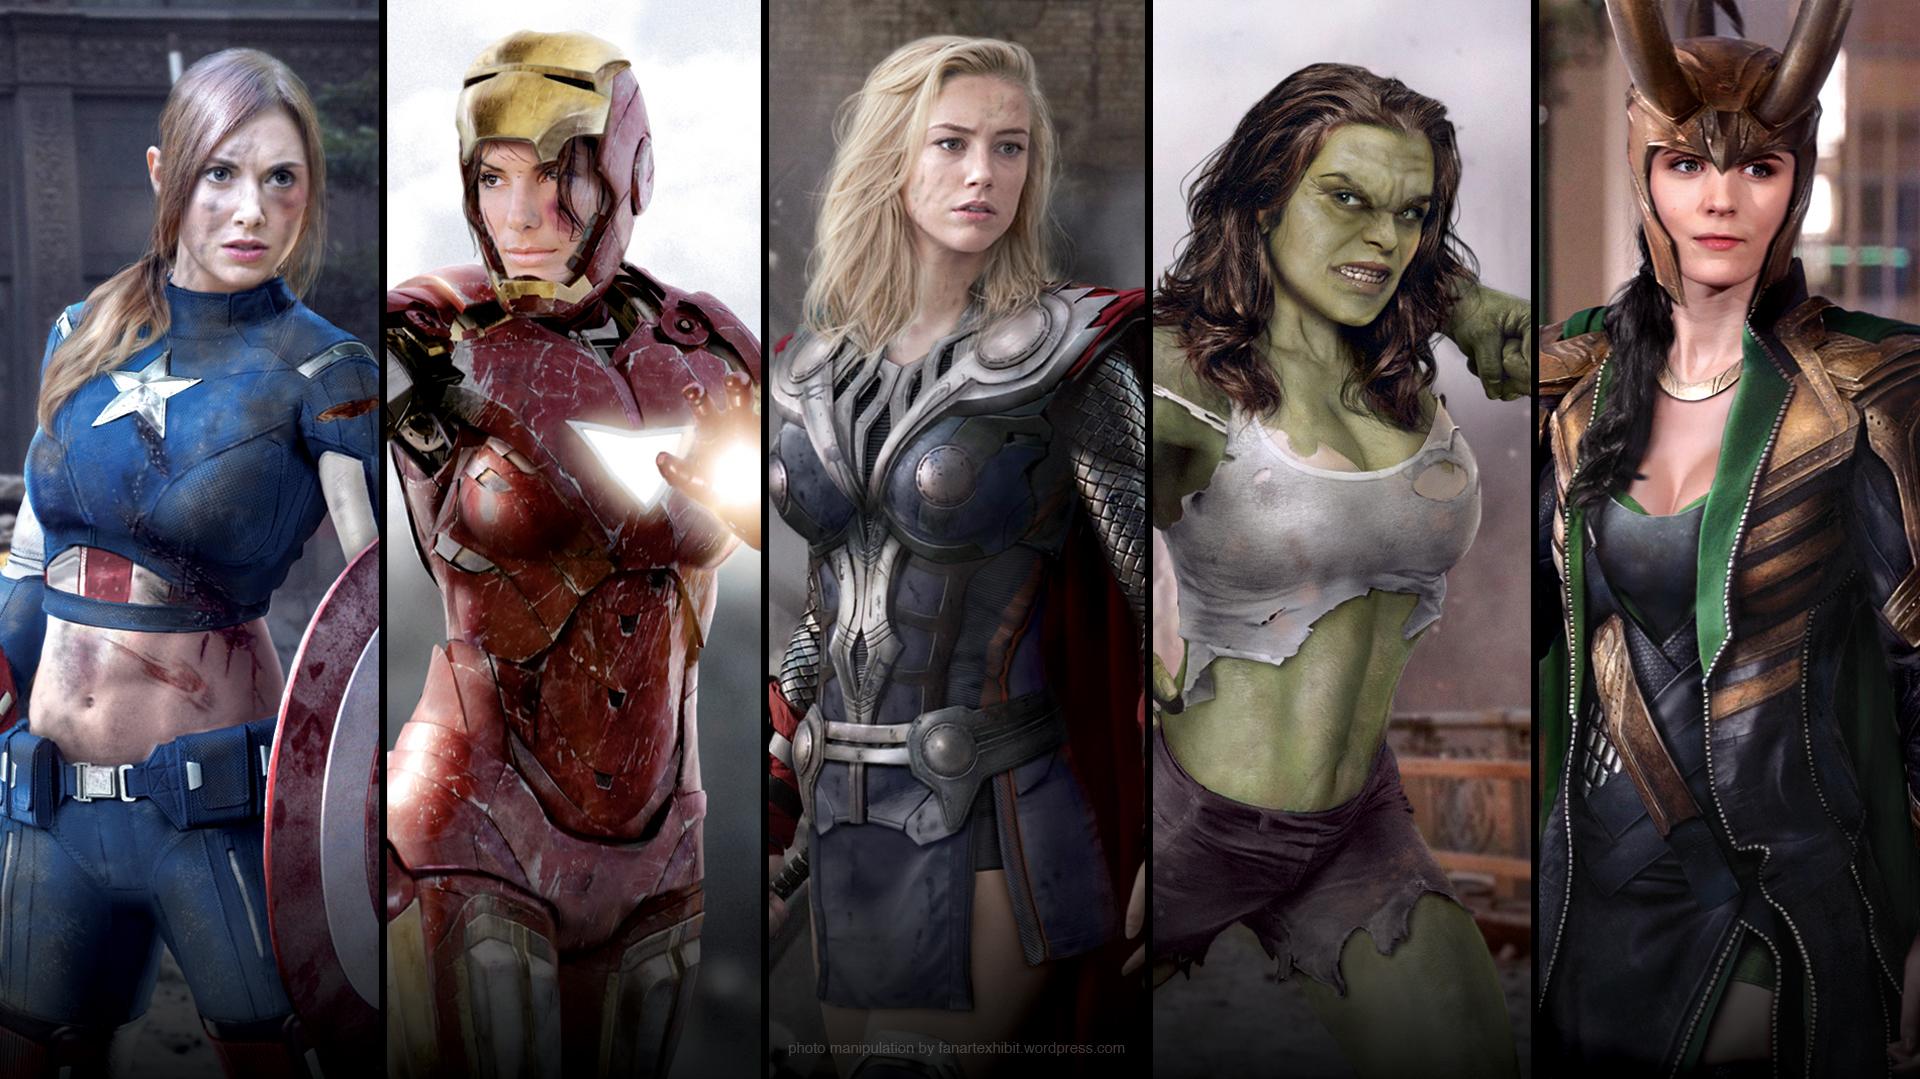 Female Avengers   The adventures of Obi-Rus Kenobi  Female Avengers...